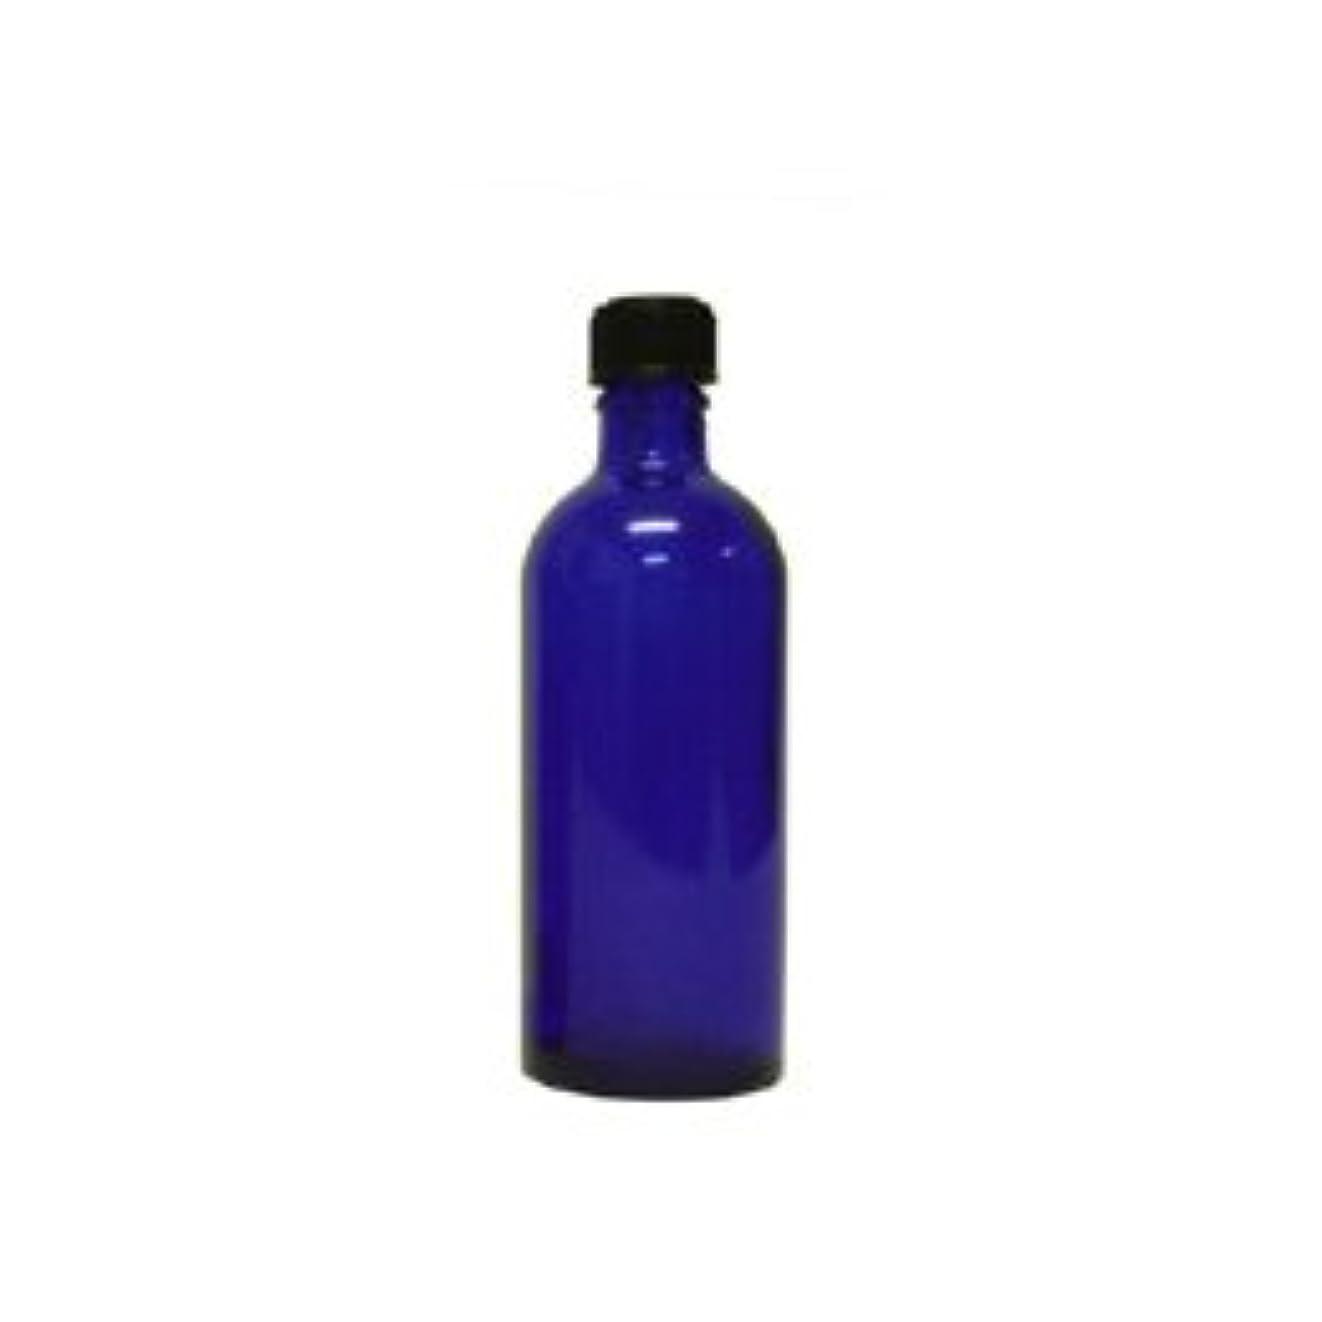 補助外交文明化青色遮光ビン 100ml (ドロッパー付)